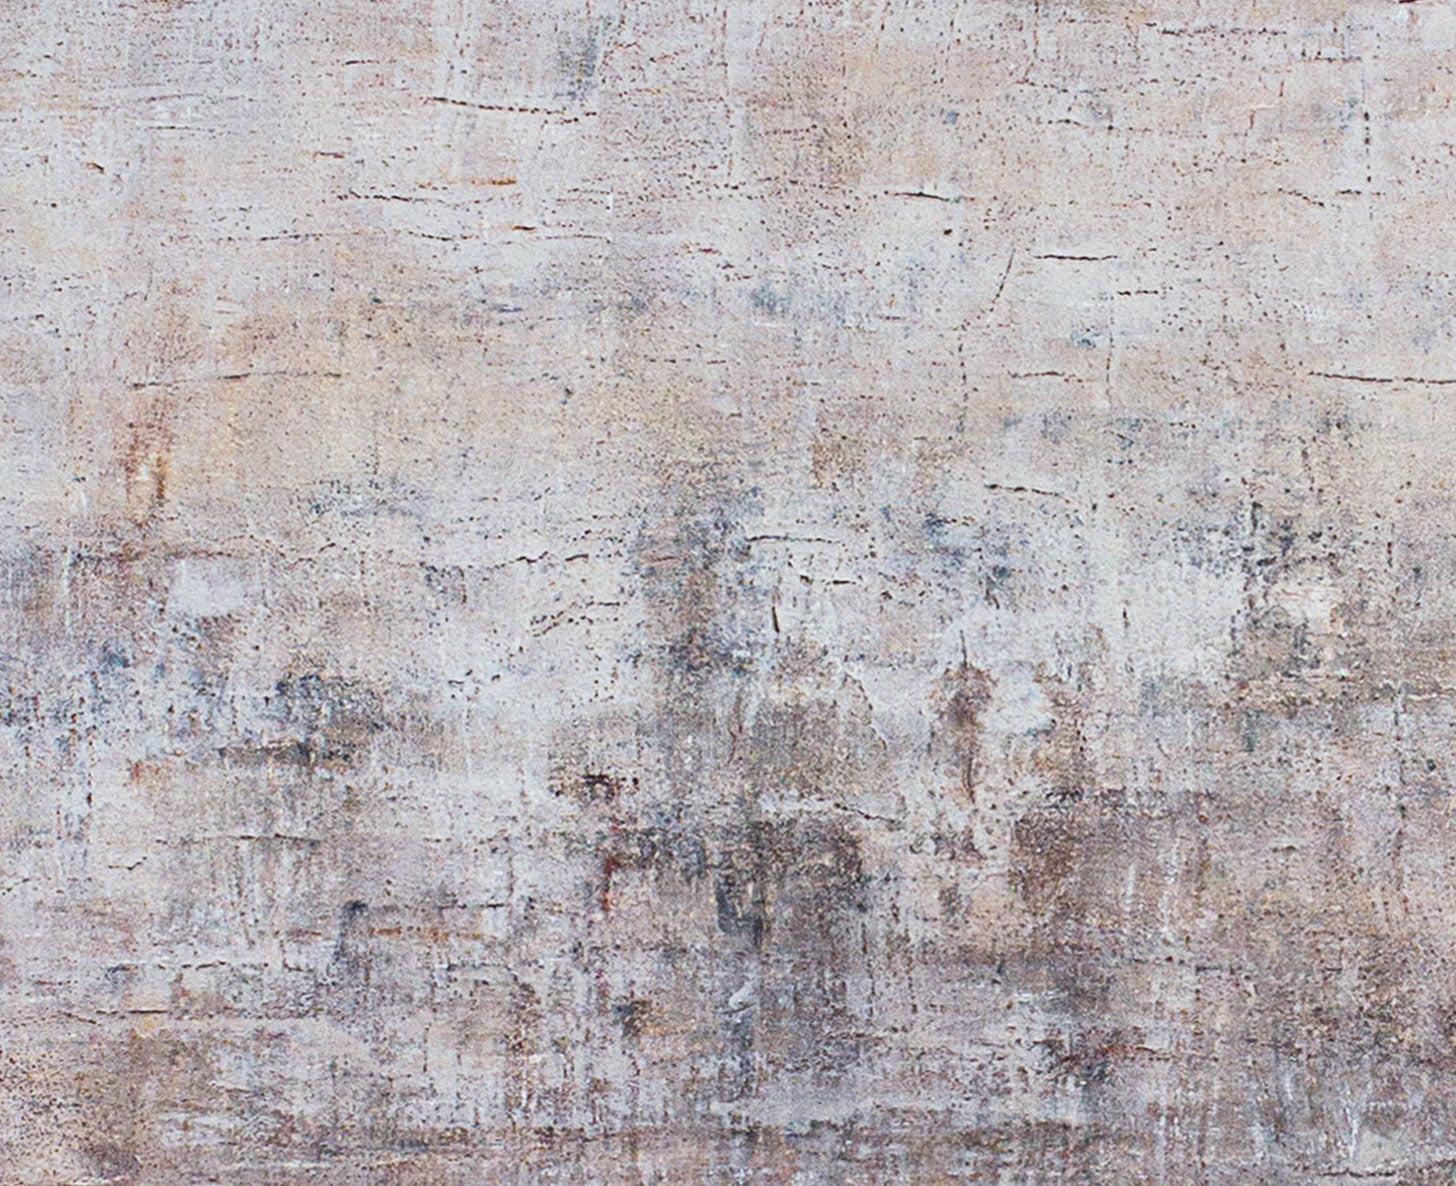 coda maria paola galerie 21 701 detail 1